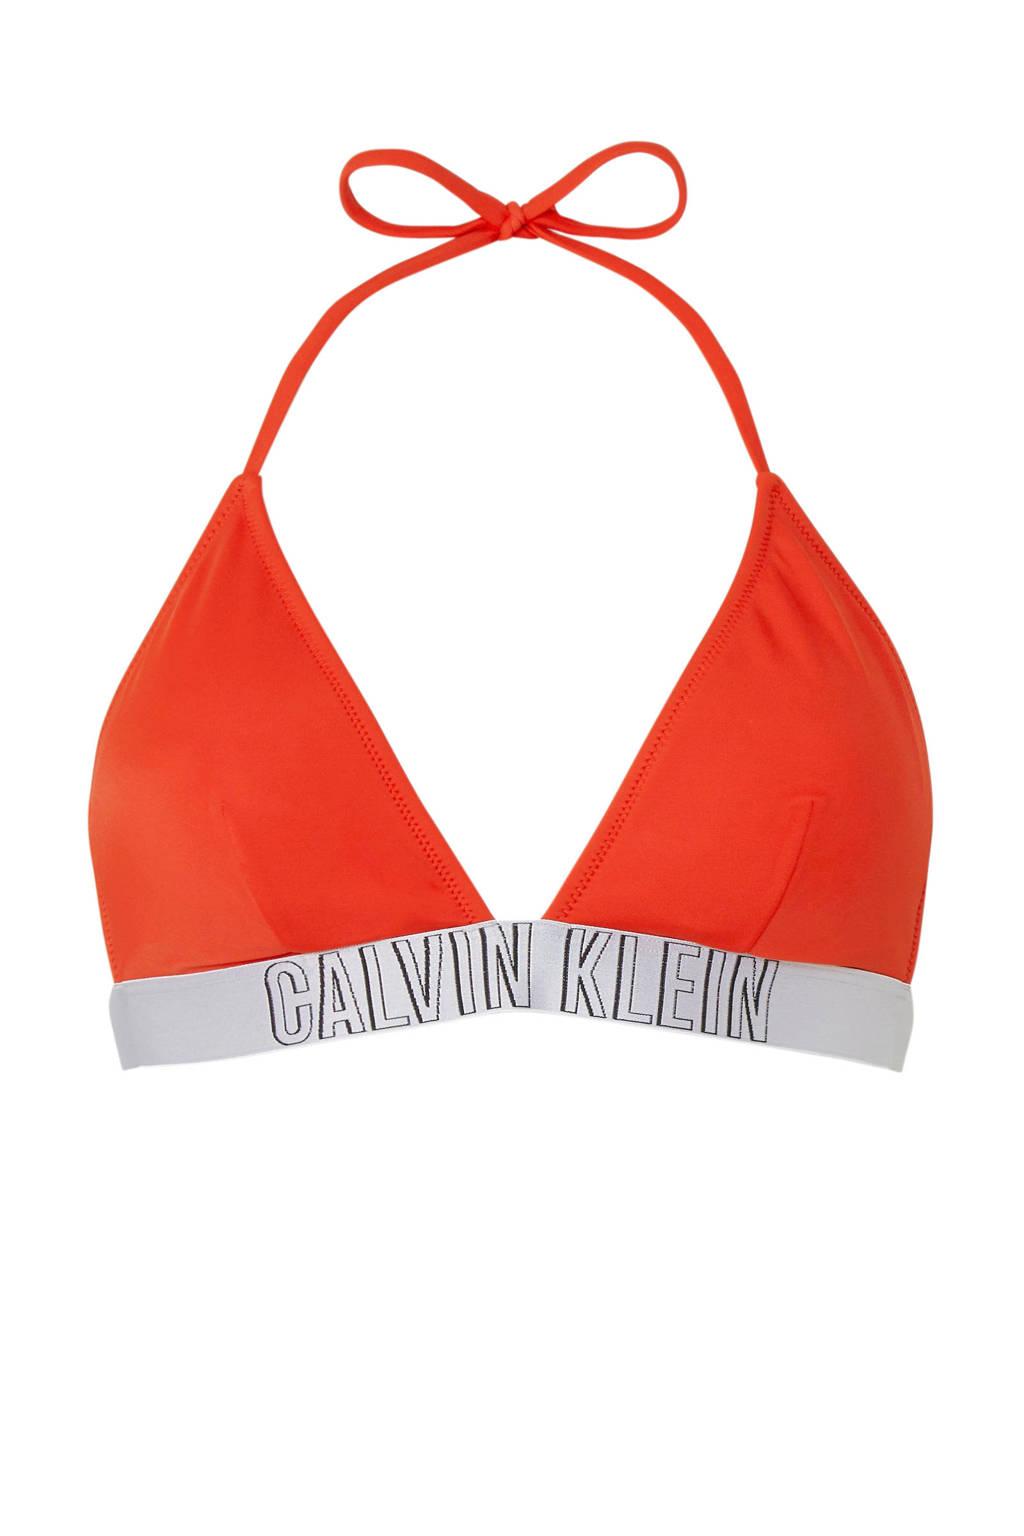 CALVIN KLEIN triangel bikinitop rood/zilvergijs, rood/zilvergrijs